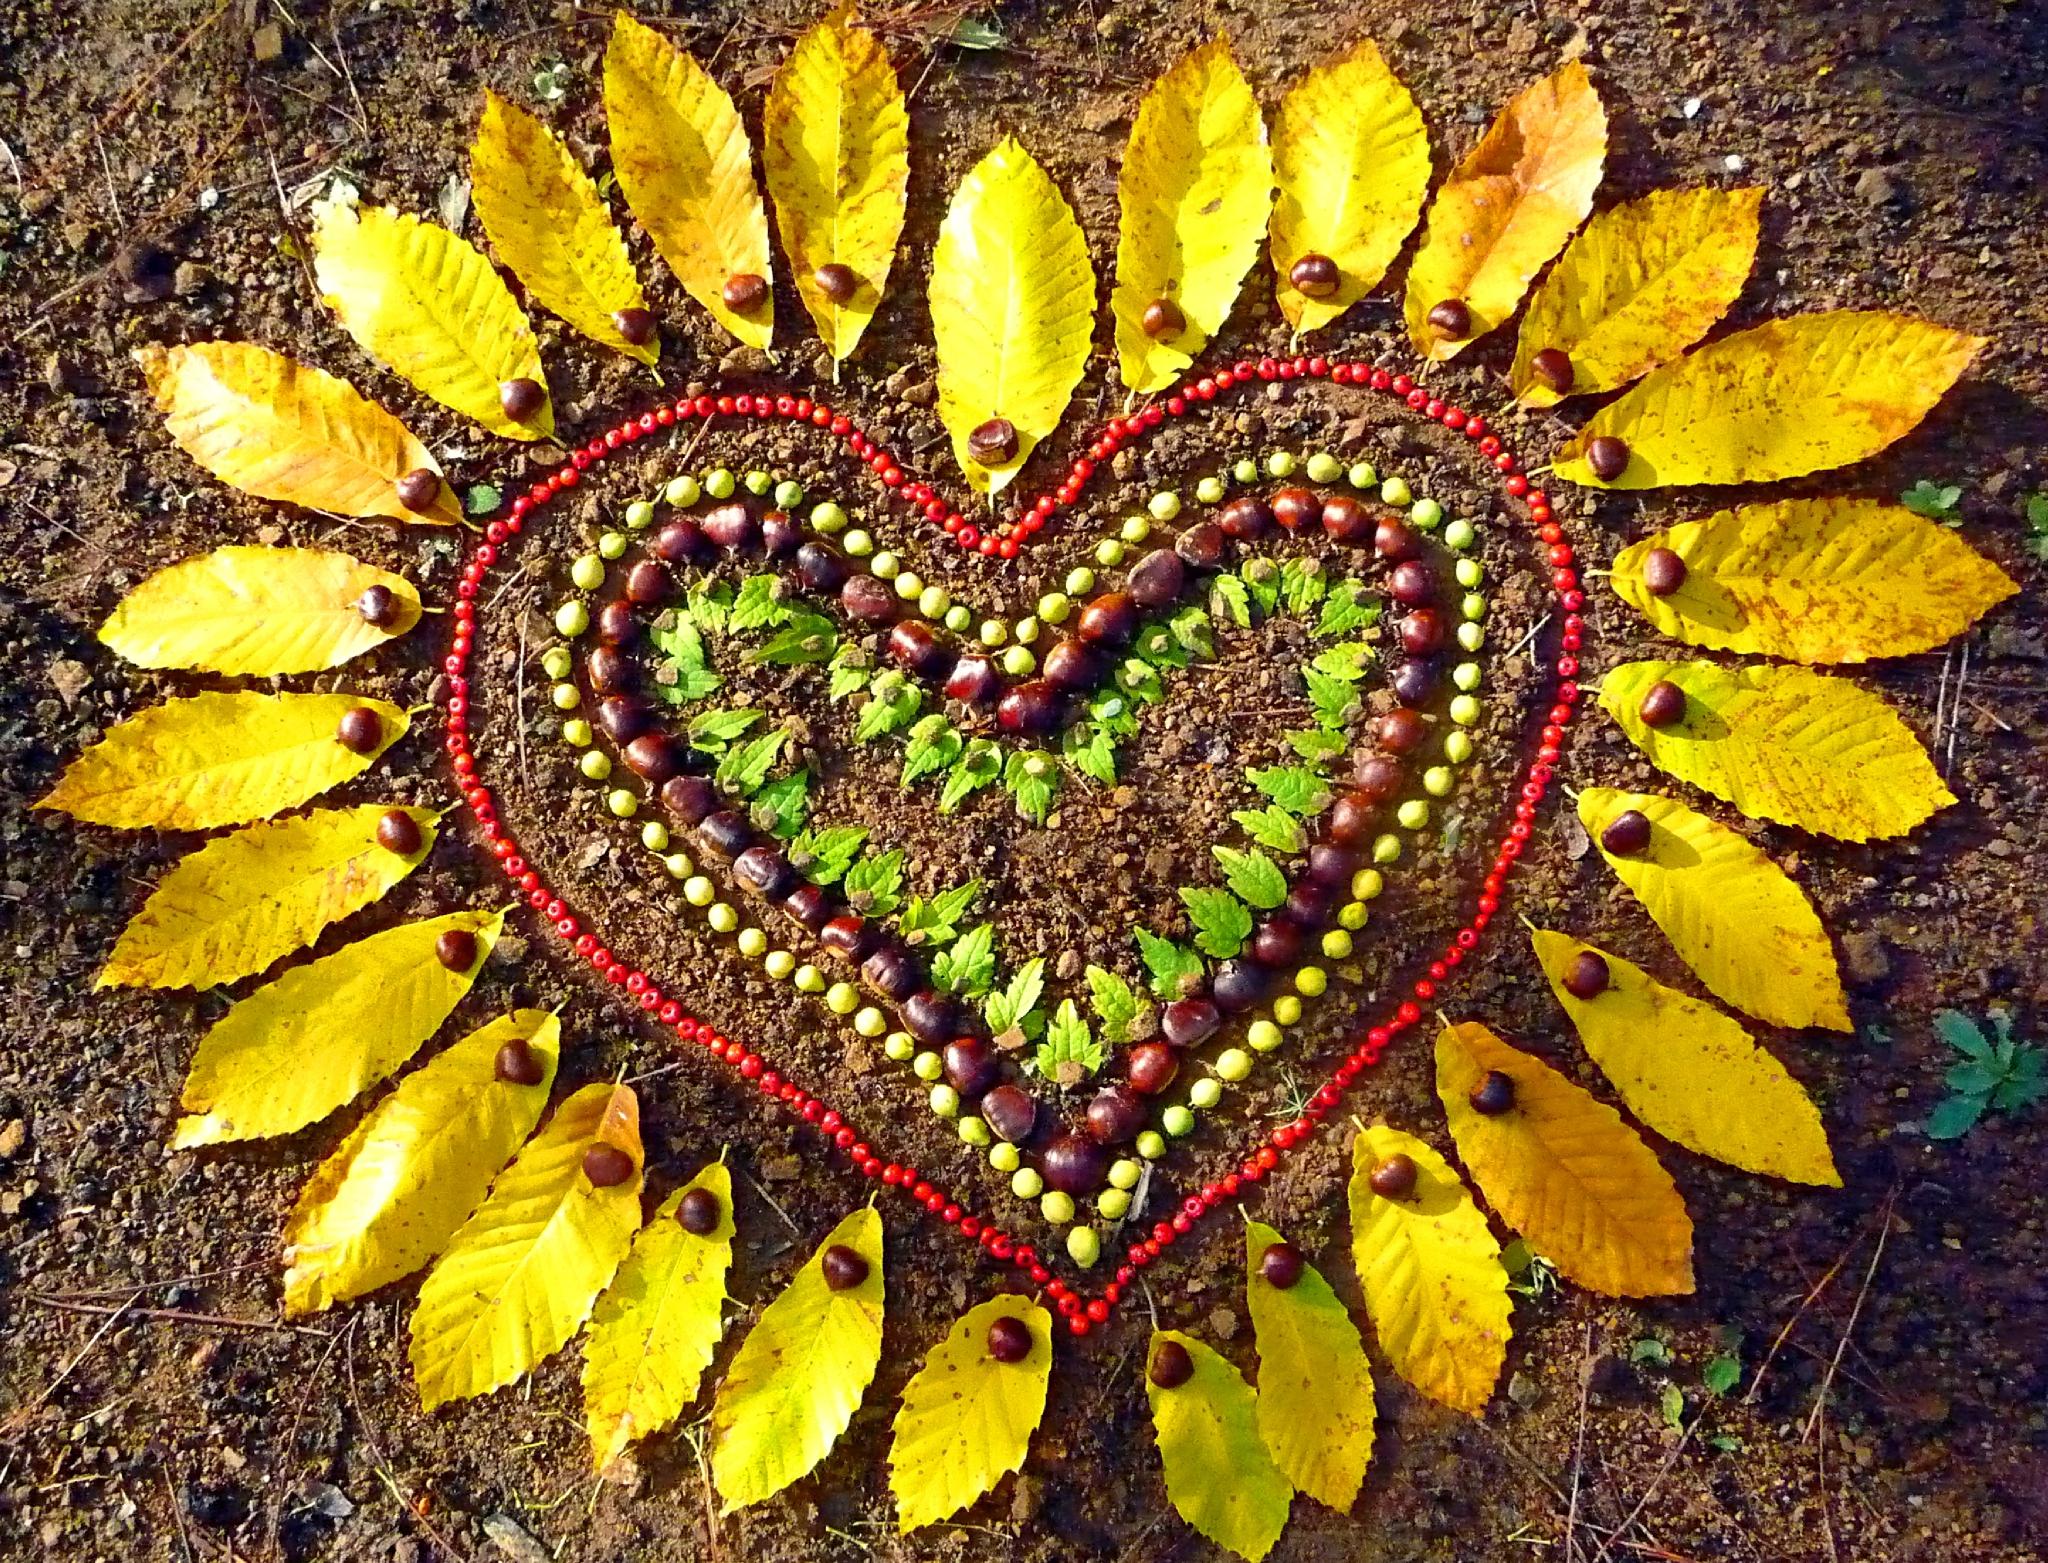 coeur flamboyant yurtao